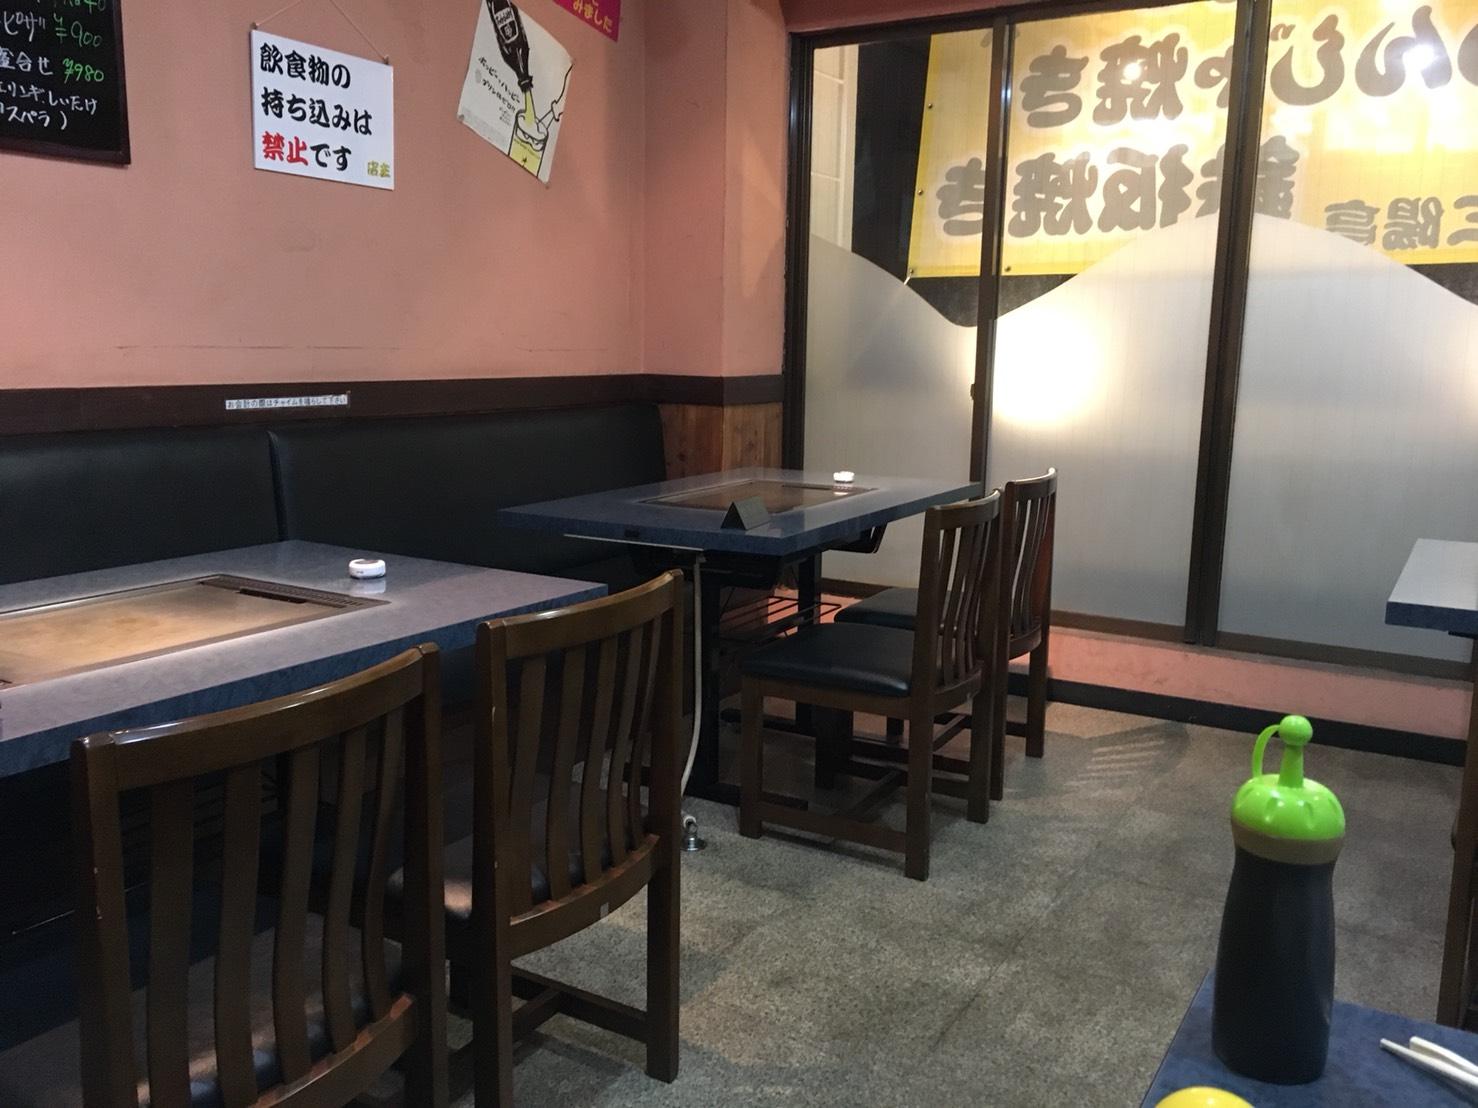 【大塚駅】コスパが残念(;_;)お好み焼き・もんじゃ焼き「三陽亭」の店内